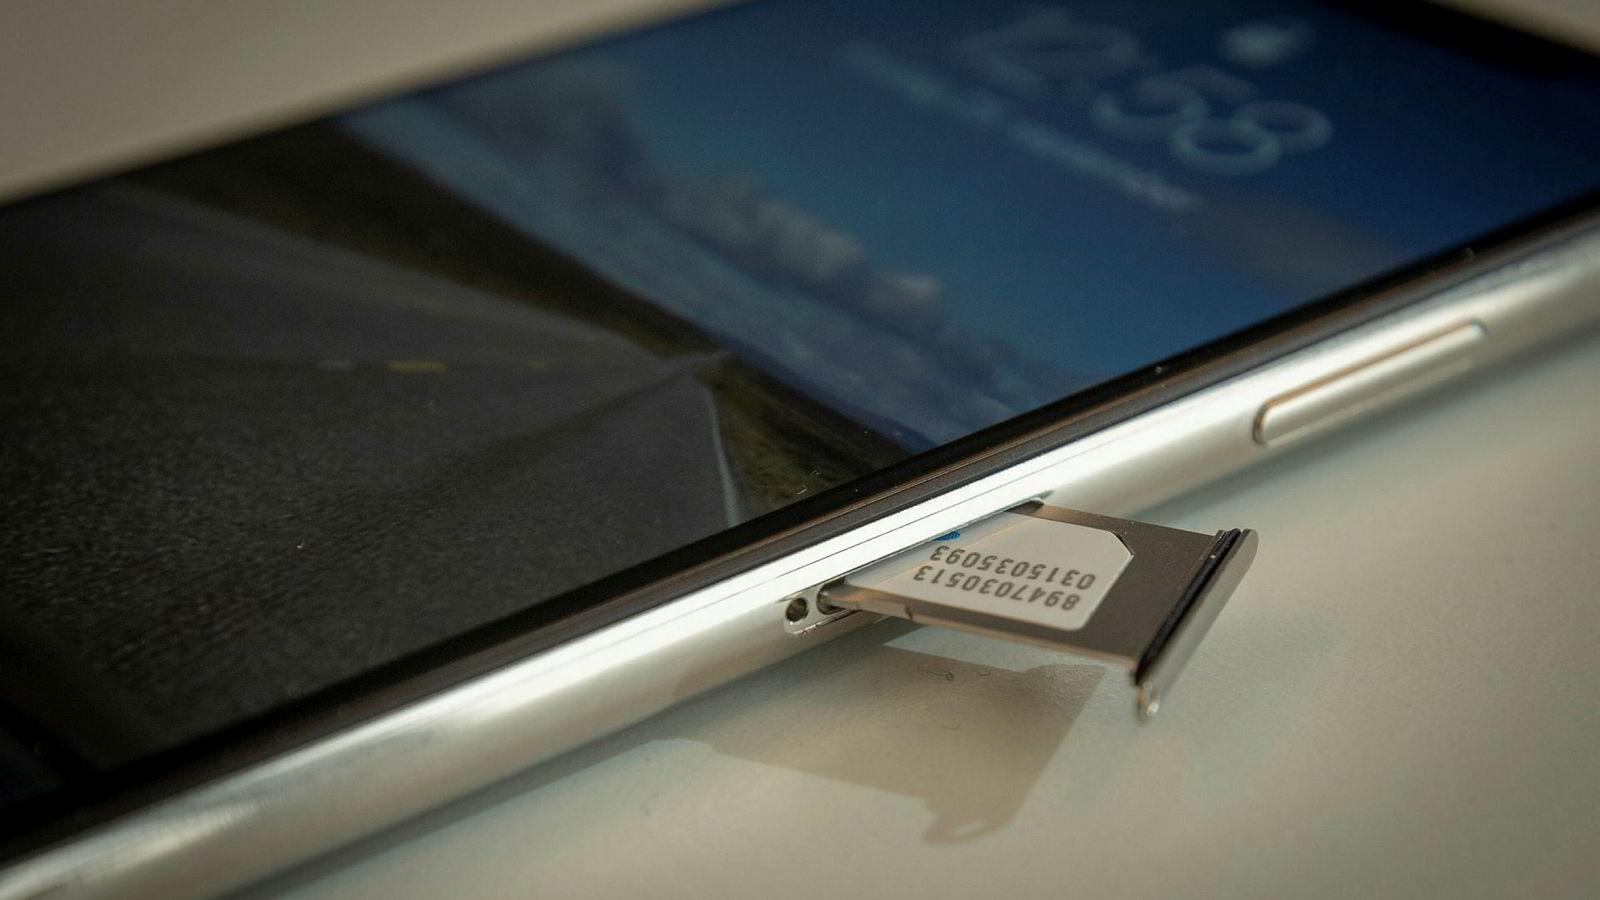 Alle norske mobiltelefoner må ha et sim-kort for å fungere. Men snart kan de fysiske sim-kortene være overflødige.